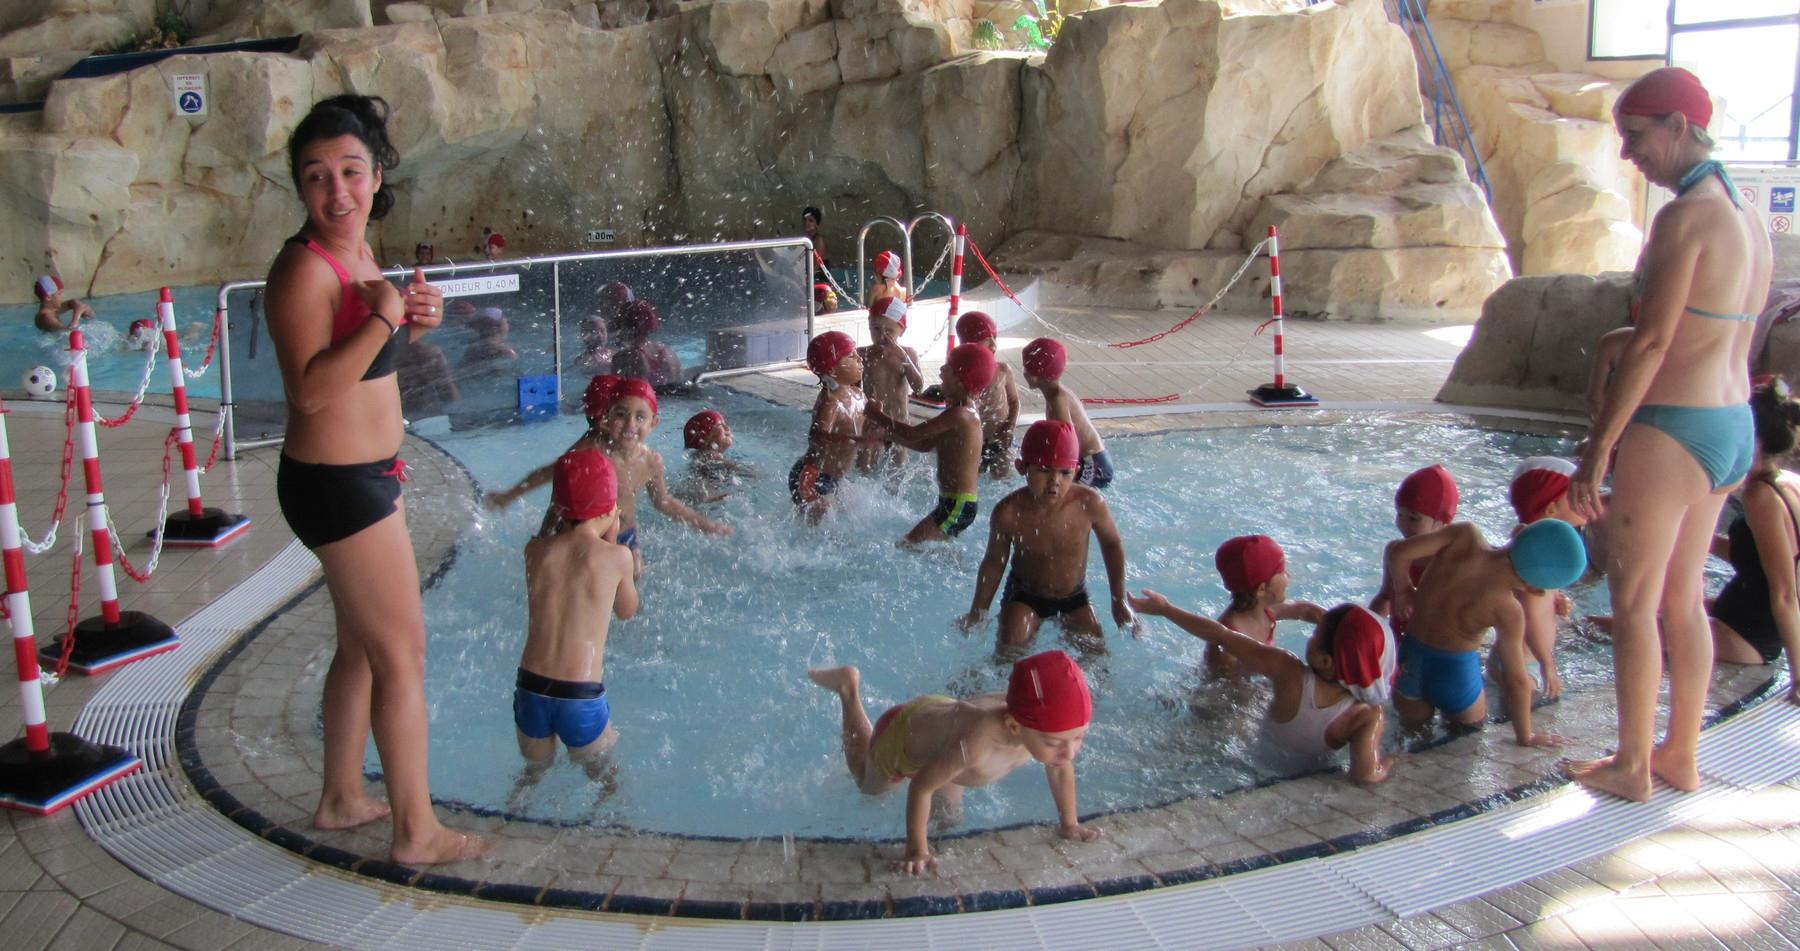 Centre De Loisirs : Comme Des Poissons Dans L'eau | La Provence encequiconcerne Piscine Claude Jouve